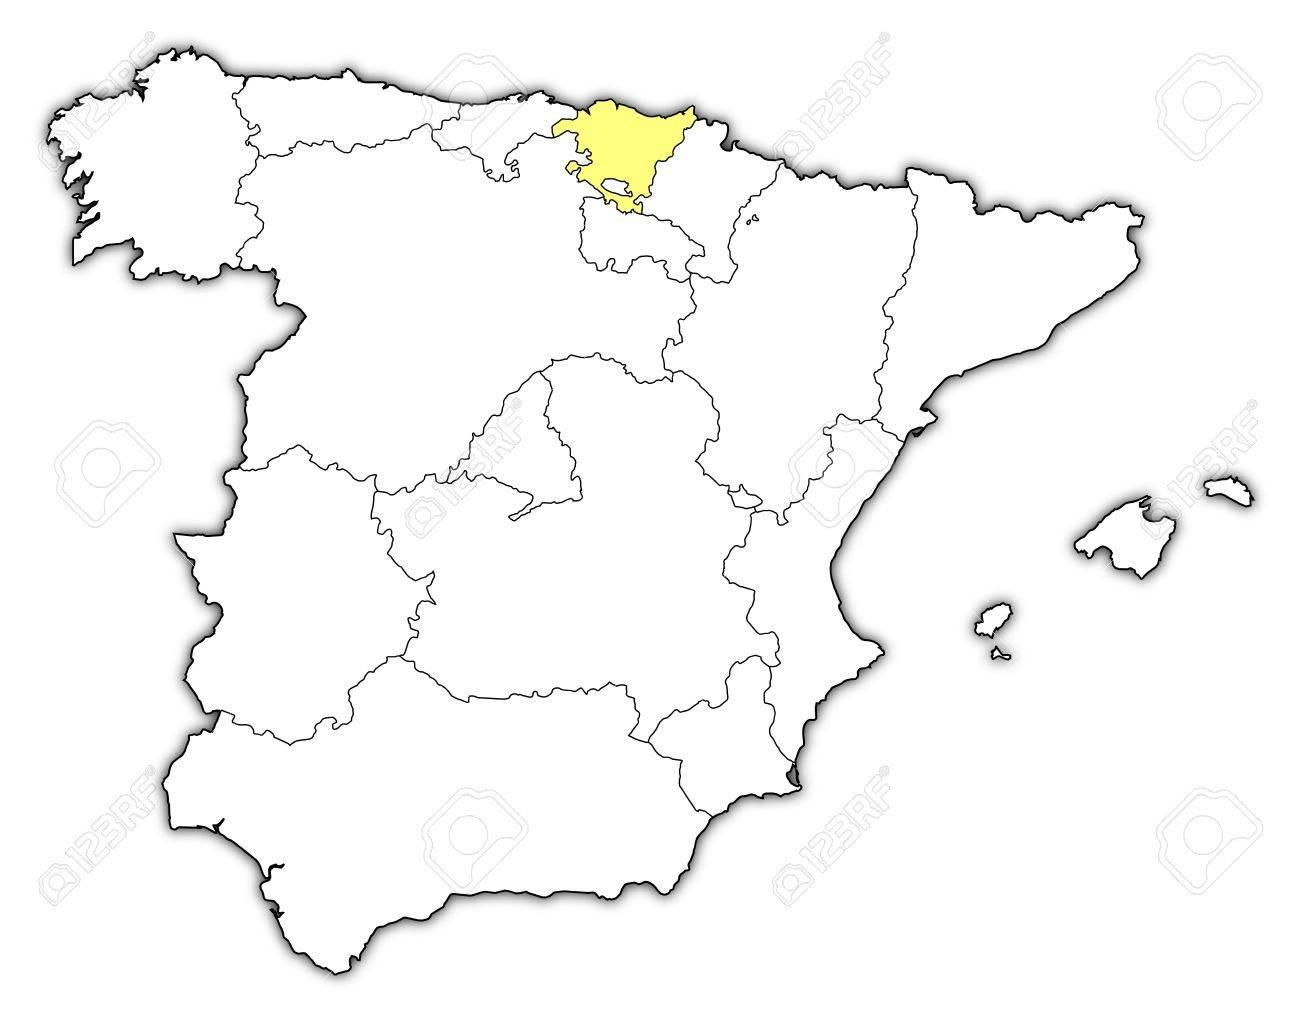 Cartina Spagna Muta Con Regioni.Vettoriale Mappa Politica Della Spagna Con Le Varie Regioni In Cui E Evidenziato Paesi Baschi Image 11566166